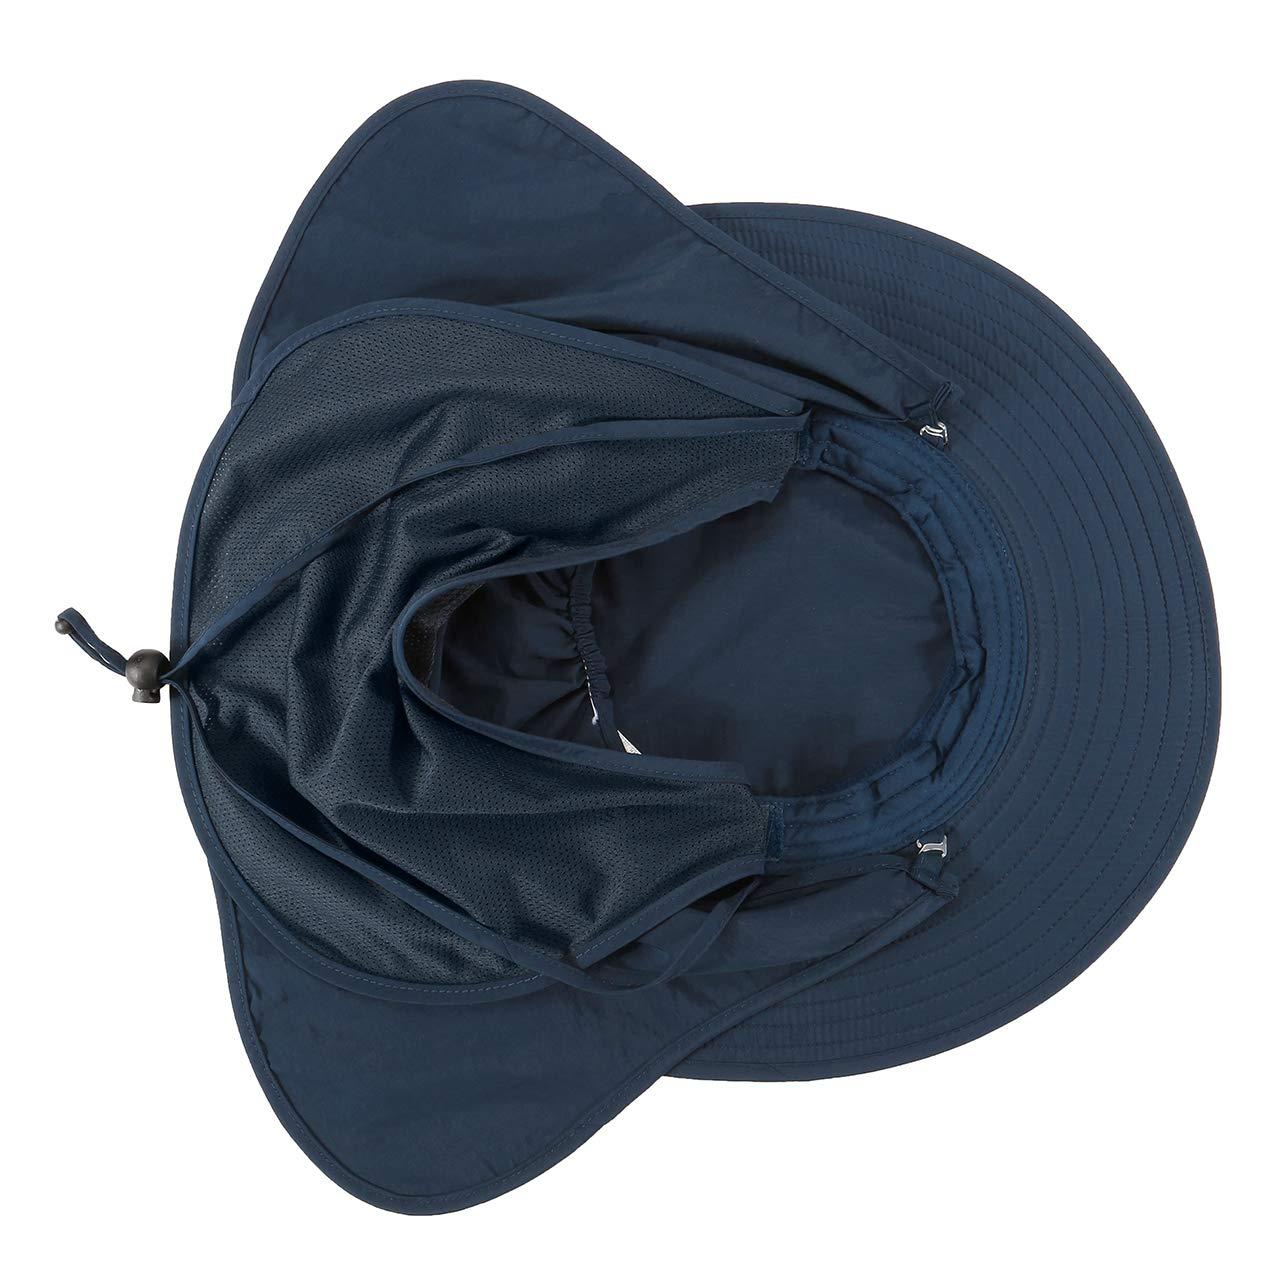 UV Schutz Faltbar Buschhut Anglerhut Fischerh/üte Safari Hut f/ür Damen Herren Maske Unisex Sonnenhut Faletony Nackenschutz